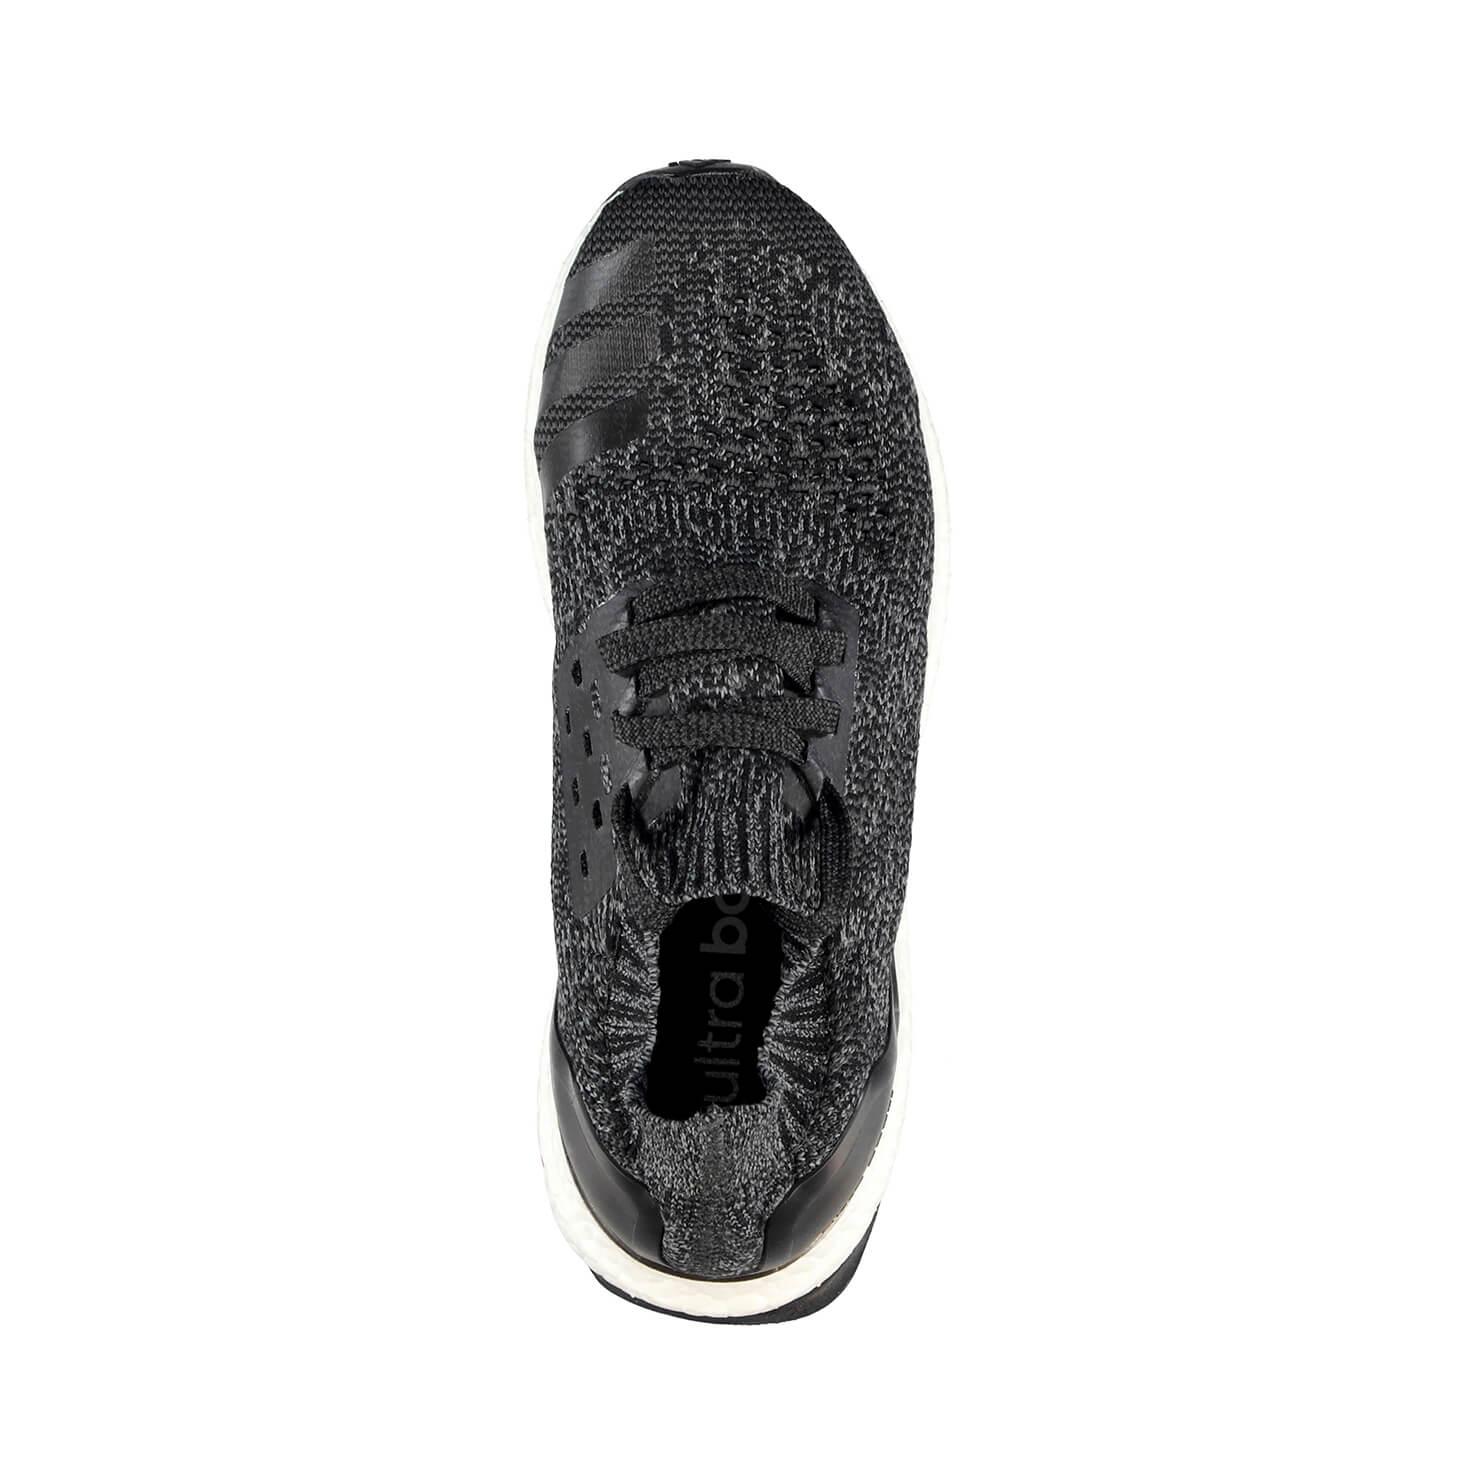 adidas Ultra Boost Uncaged Kadın Siyah Spor Ayakkabı